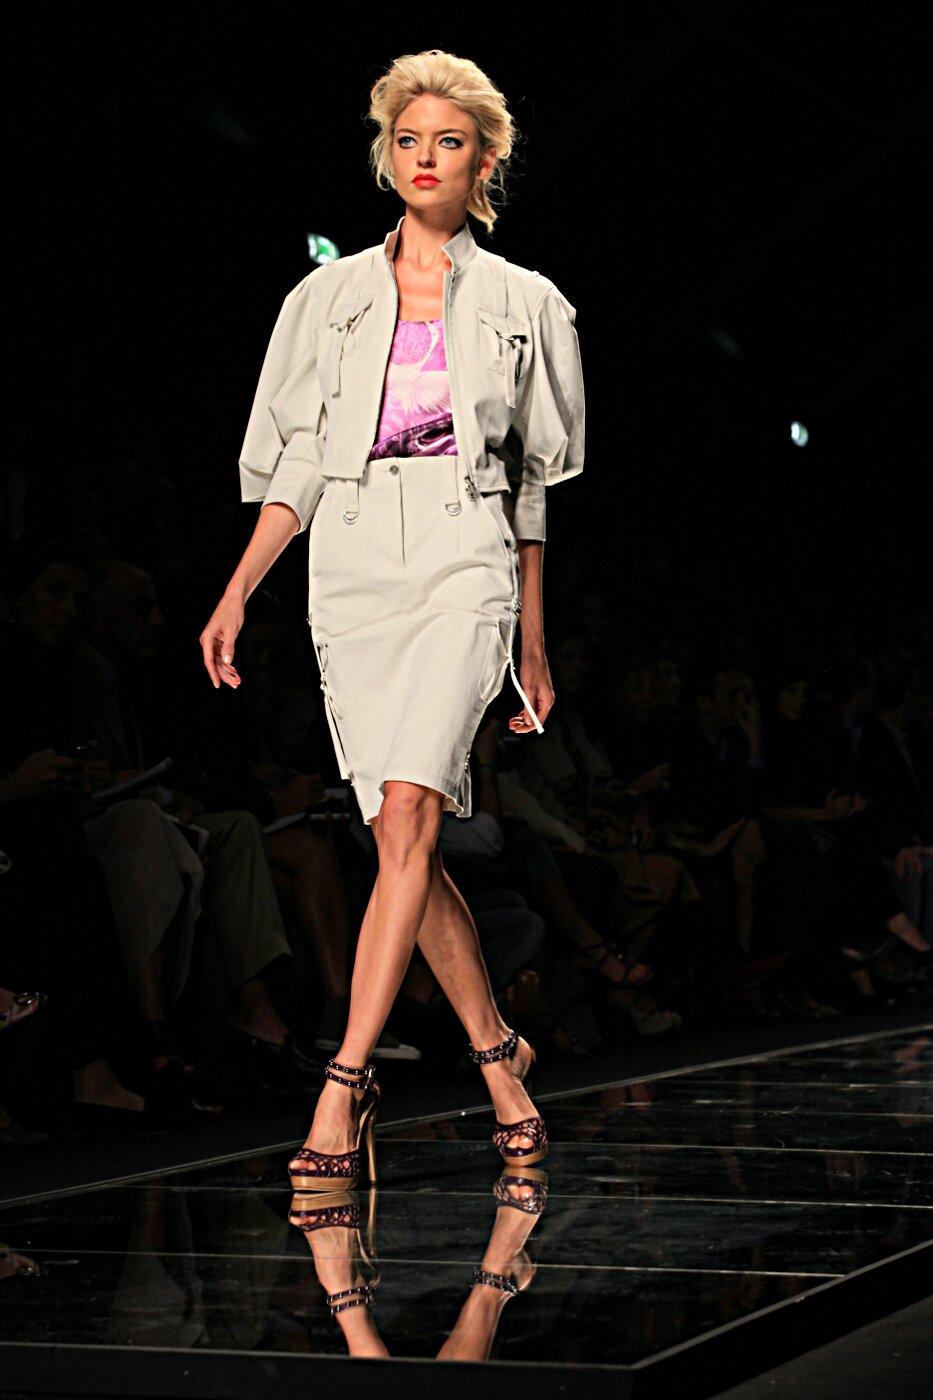 John Richmond S/S 2012 - Milano Fashion Week